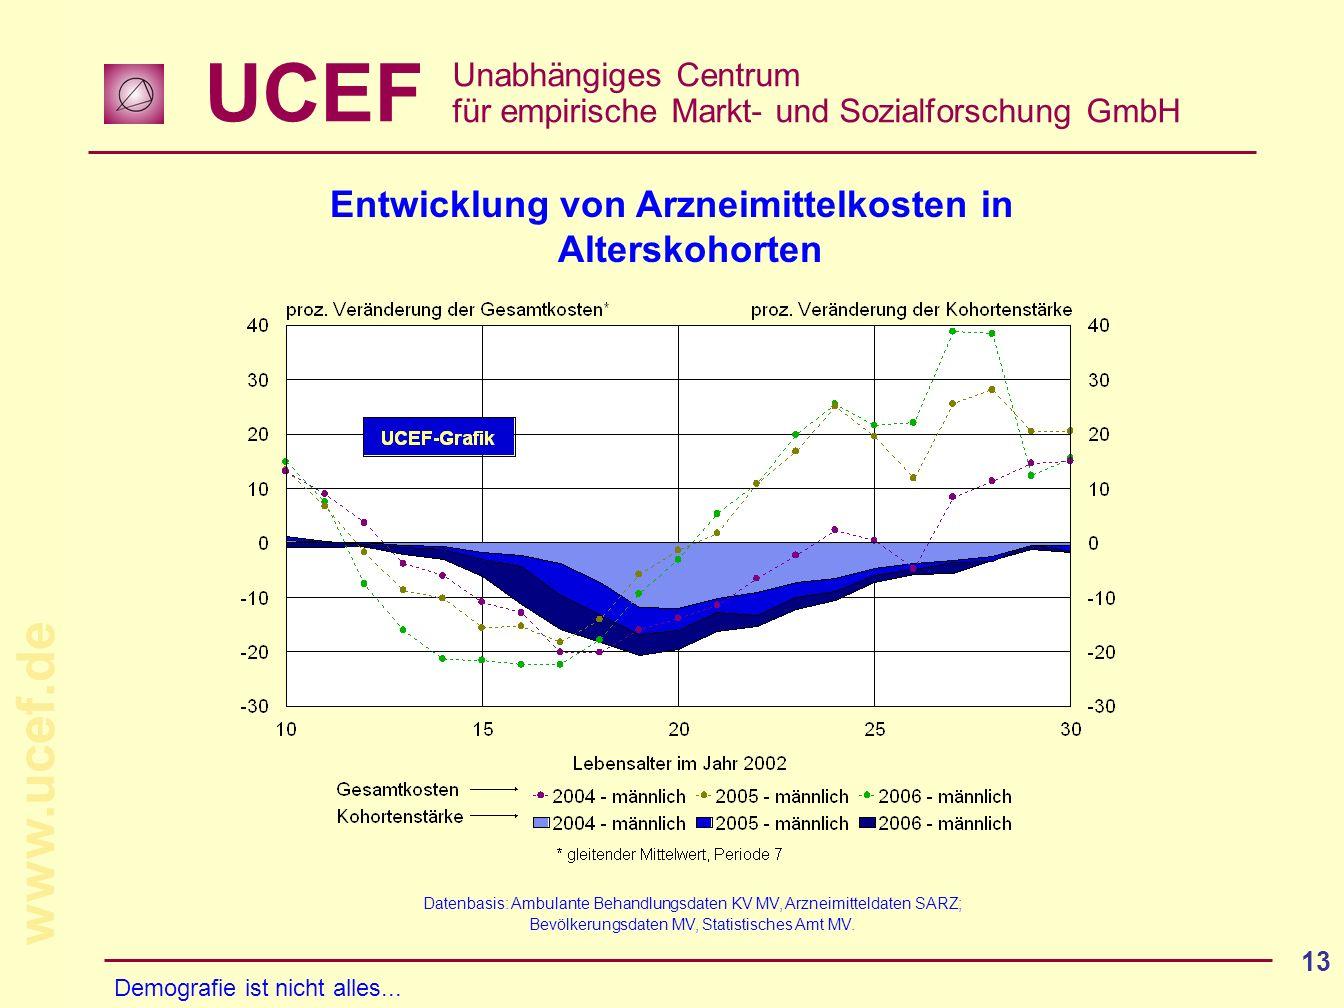 UCEF Unabhängiges Centrum für empirische Markt- und Sozialforschung GmbH www.ucef.de 13 Entwicklung von Arzneimittelkosten in Alterskohorten Datenbasi